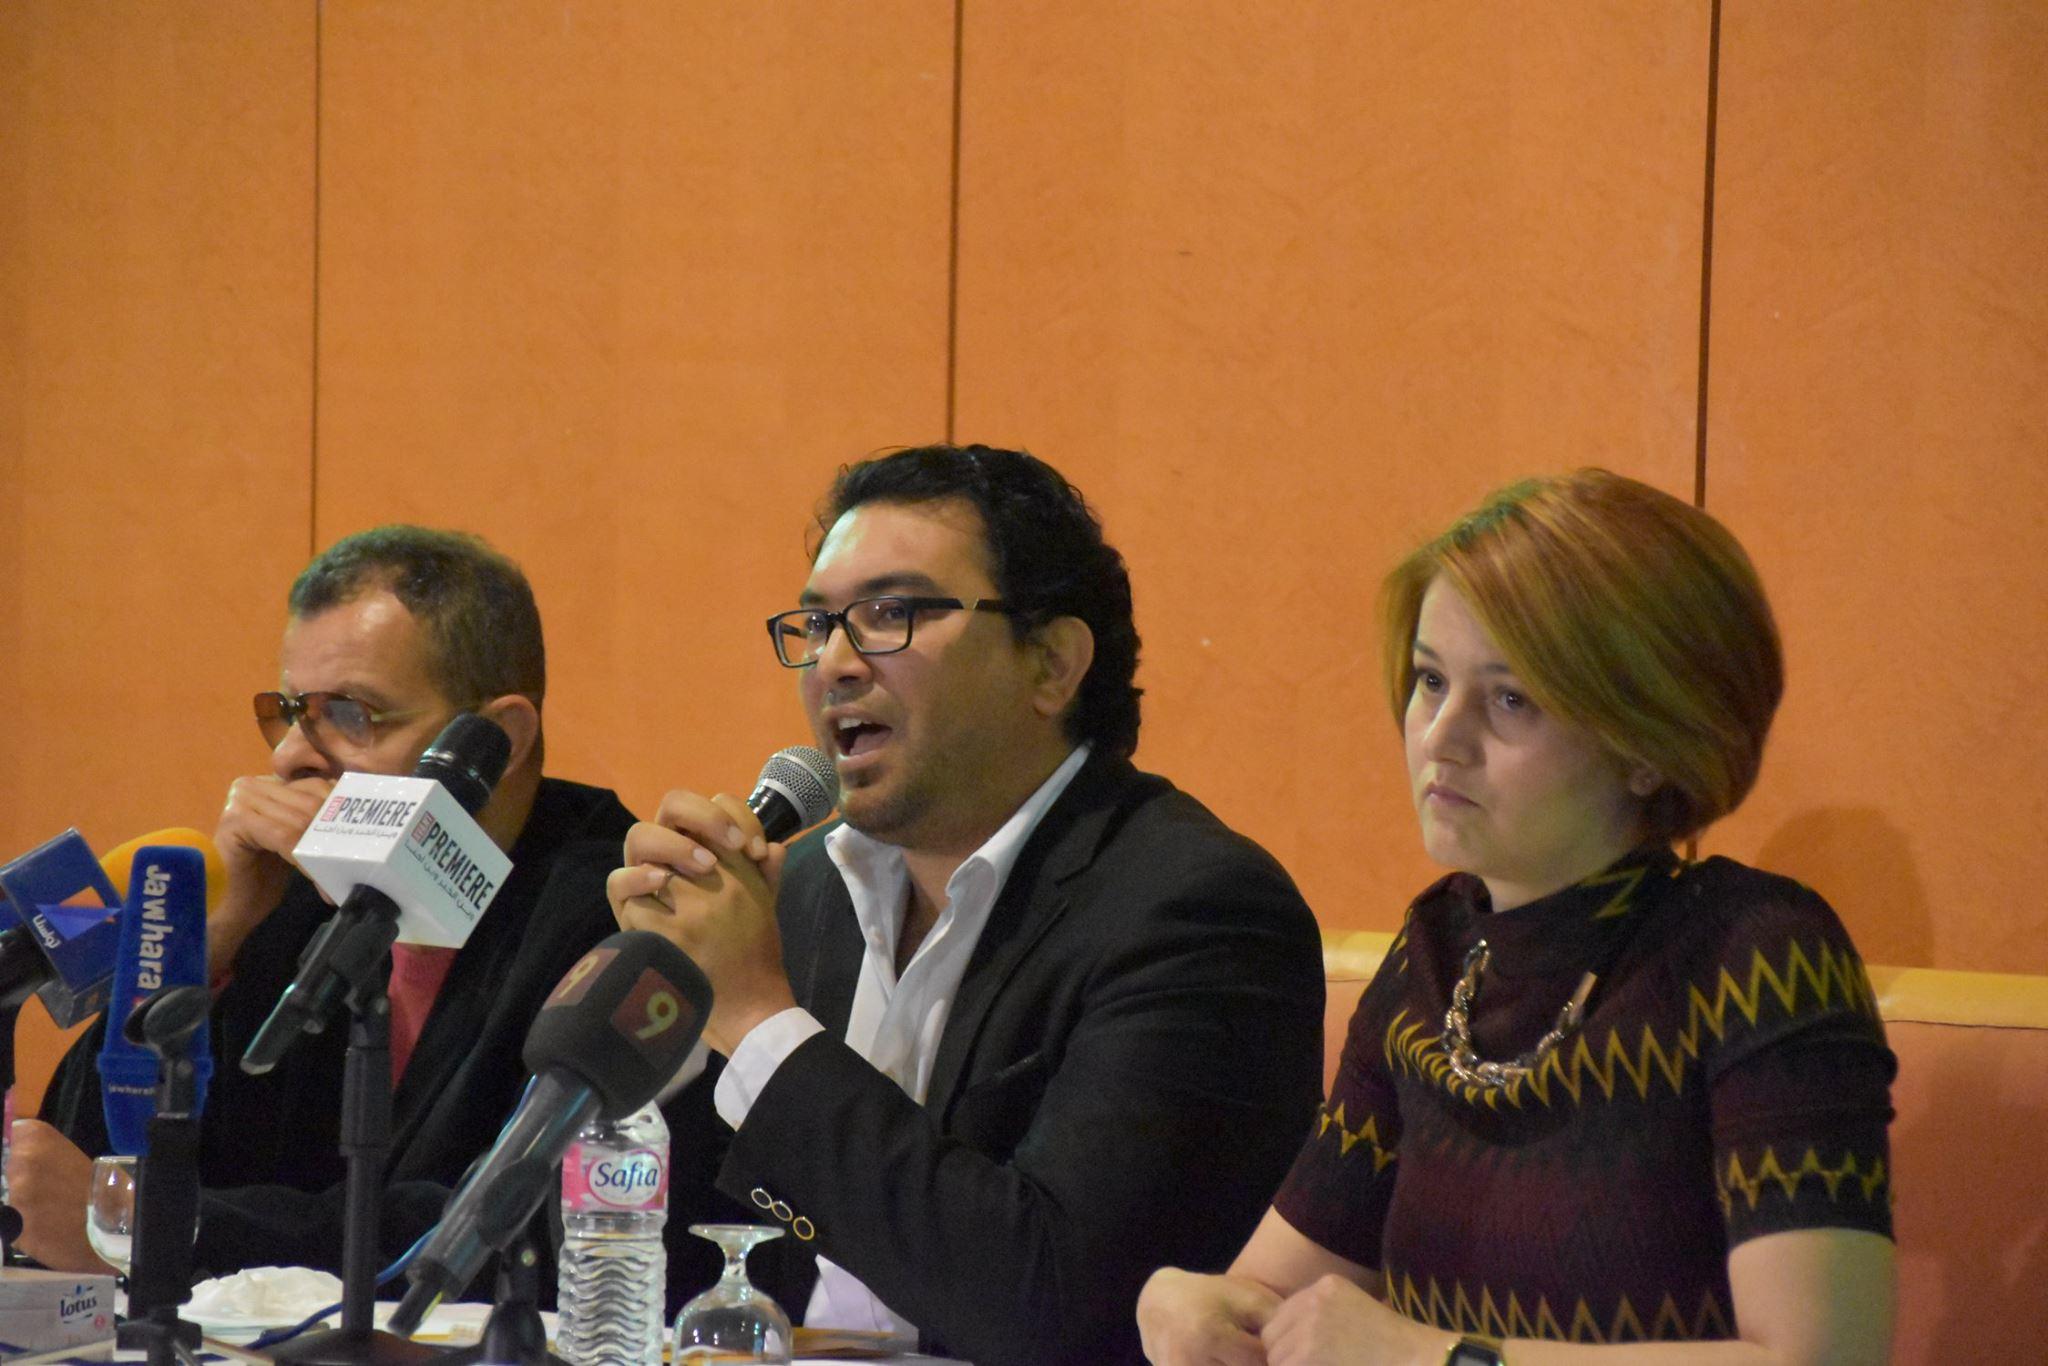 جانب من المؤتمر الصحفي الخاص بالمهرجان وإعلان تفاصيل الدورة الجديدة